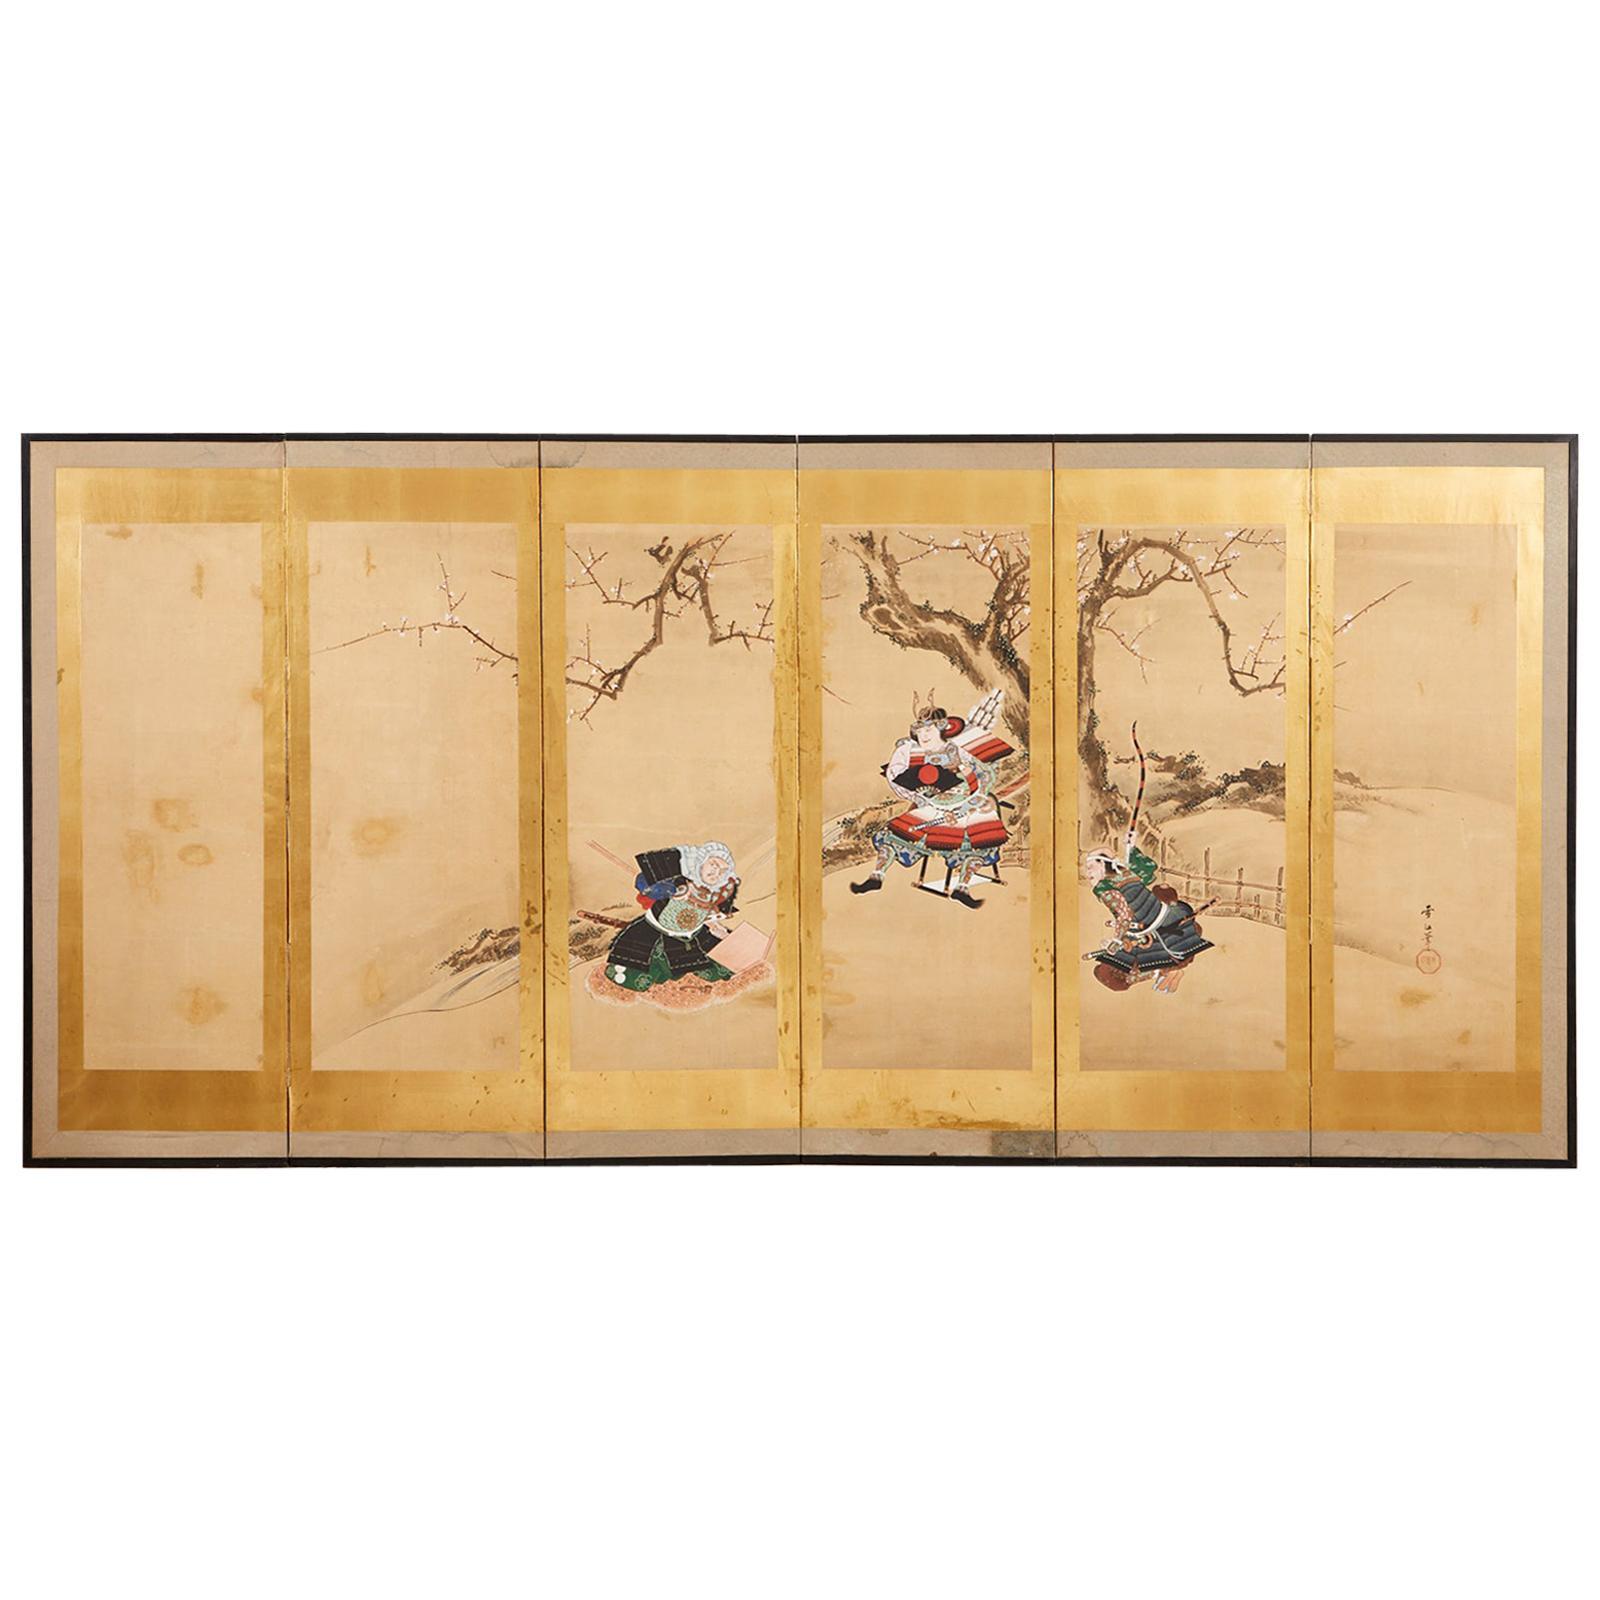 Japanese Edo Six Panel Screen Yoshitsune and Benkei